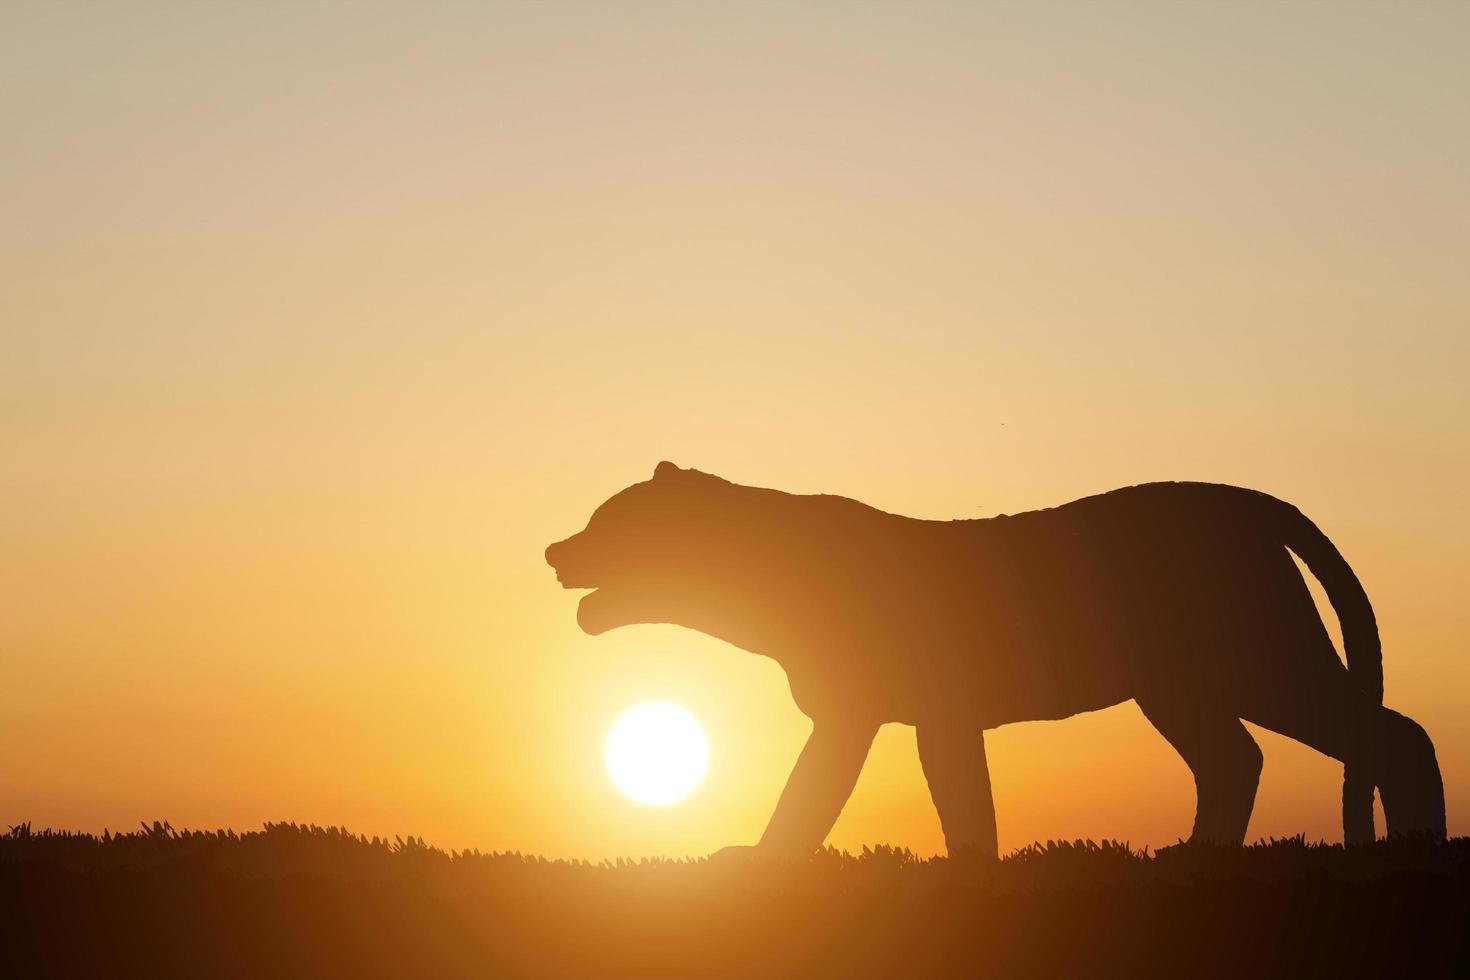 Silhouette Tiger auf Sonnenuntergang Hintergrund foto